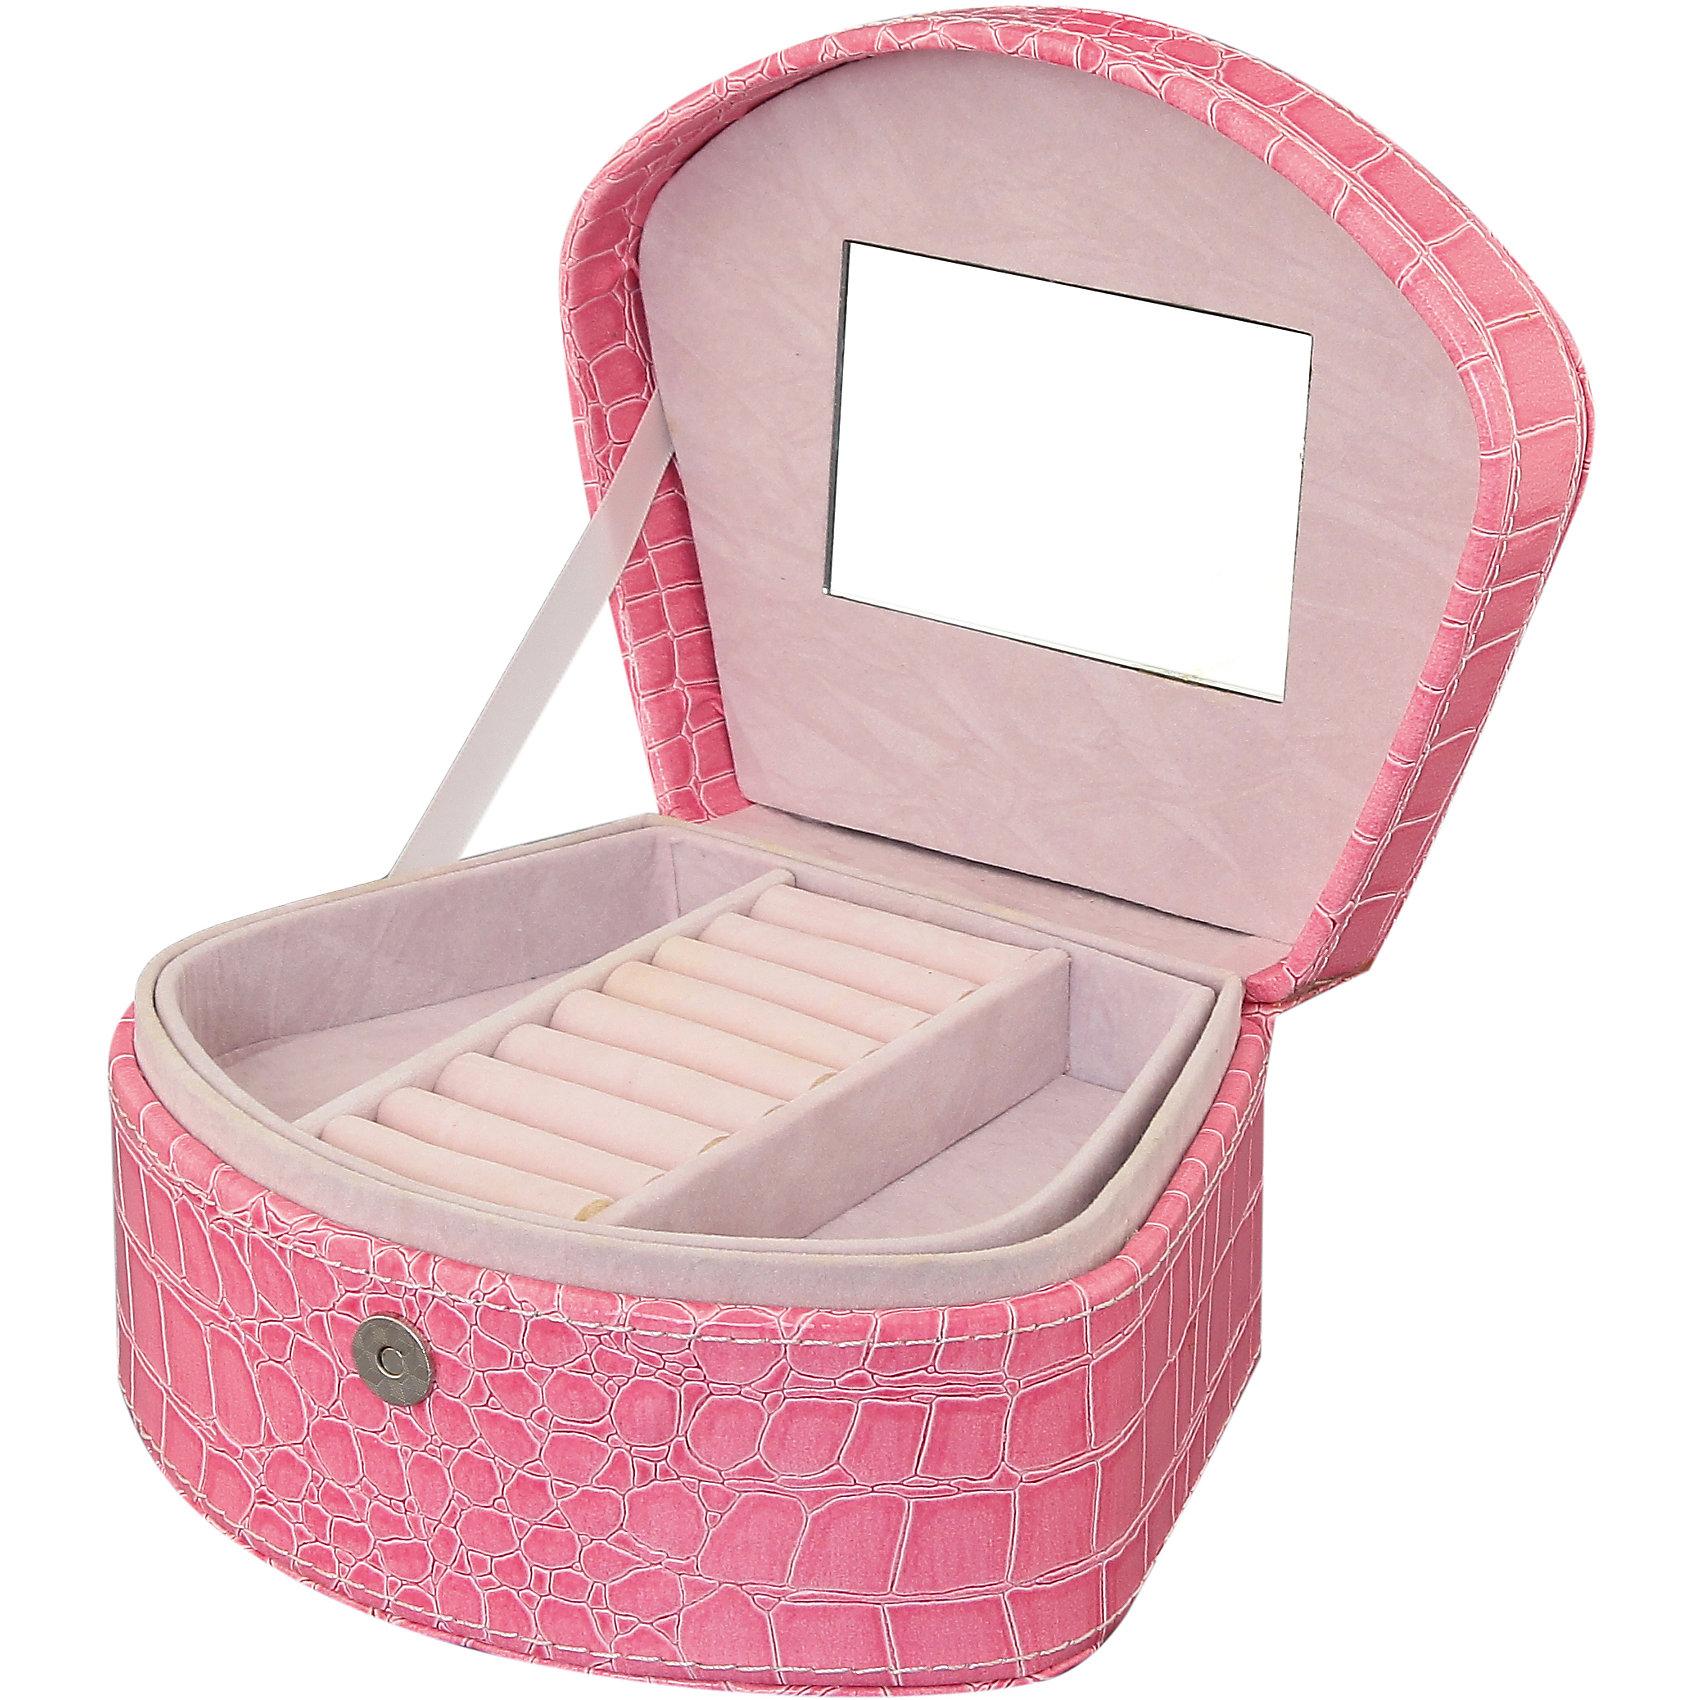 Шкатулка 18*15*9 см. Розовая ракушка + зеркало , EL CasaПорядок в детской<br>Характеристики товара:<br><br>• цвет: мульти<br>• материал: МДФ, искусственная кожа, стекло, металл<br>• размер: 15 х 18 х 9 см<br>• вес: 500 г<br>• декорирована принтом<br>• с отсеками для украшений и колец<br>• удобная<br>• внутри - зеркало<br>• универсальный размер<br>• страна бренда: Российская Федерация<br>• страна производства: Китай<br><br>Такая шкатулка - отличный пример красивой и функциональной вещи для любого интерьера. В ней удобной хранить различные мелочи, благодаря универсальному дизайну и расцветке она хорошо будет смотреться в помещении.<br><br>Симпатичная шкатулка может стать отличным приобретением для дома или подарком для любителей красивых оригинальных вещей.<br><br>Бренд EL Casa - это красивые и практичные товары для дома с современным дизайном. Они добавляют в жильё уюта и комфорта! <br><br>Шкатулку 18*15*9 см. Розовая ракушка + зеркало , EL Casa можно купить в нашем интернет-магазине.<br><br>Ширина мм: 190<br>Глубина мм: 160<br>Высота мм: 100<br>Вес г: 517<br>Возраст от месяцев: 0<br>Возраст до месяцев: 1188<br>Пол: Унисекс<br>Возраст: Детский<br>SKU: 6668703